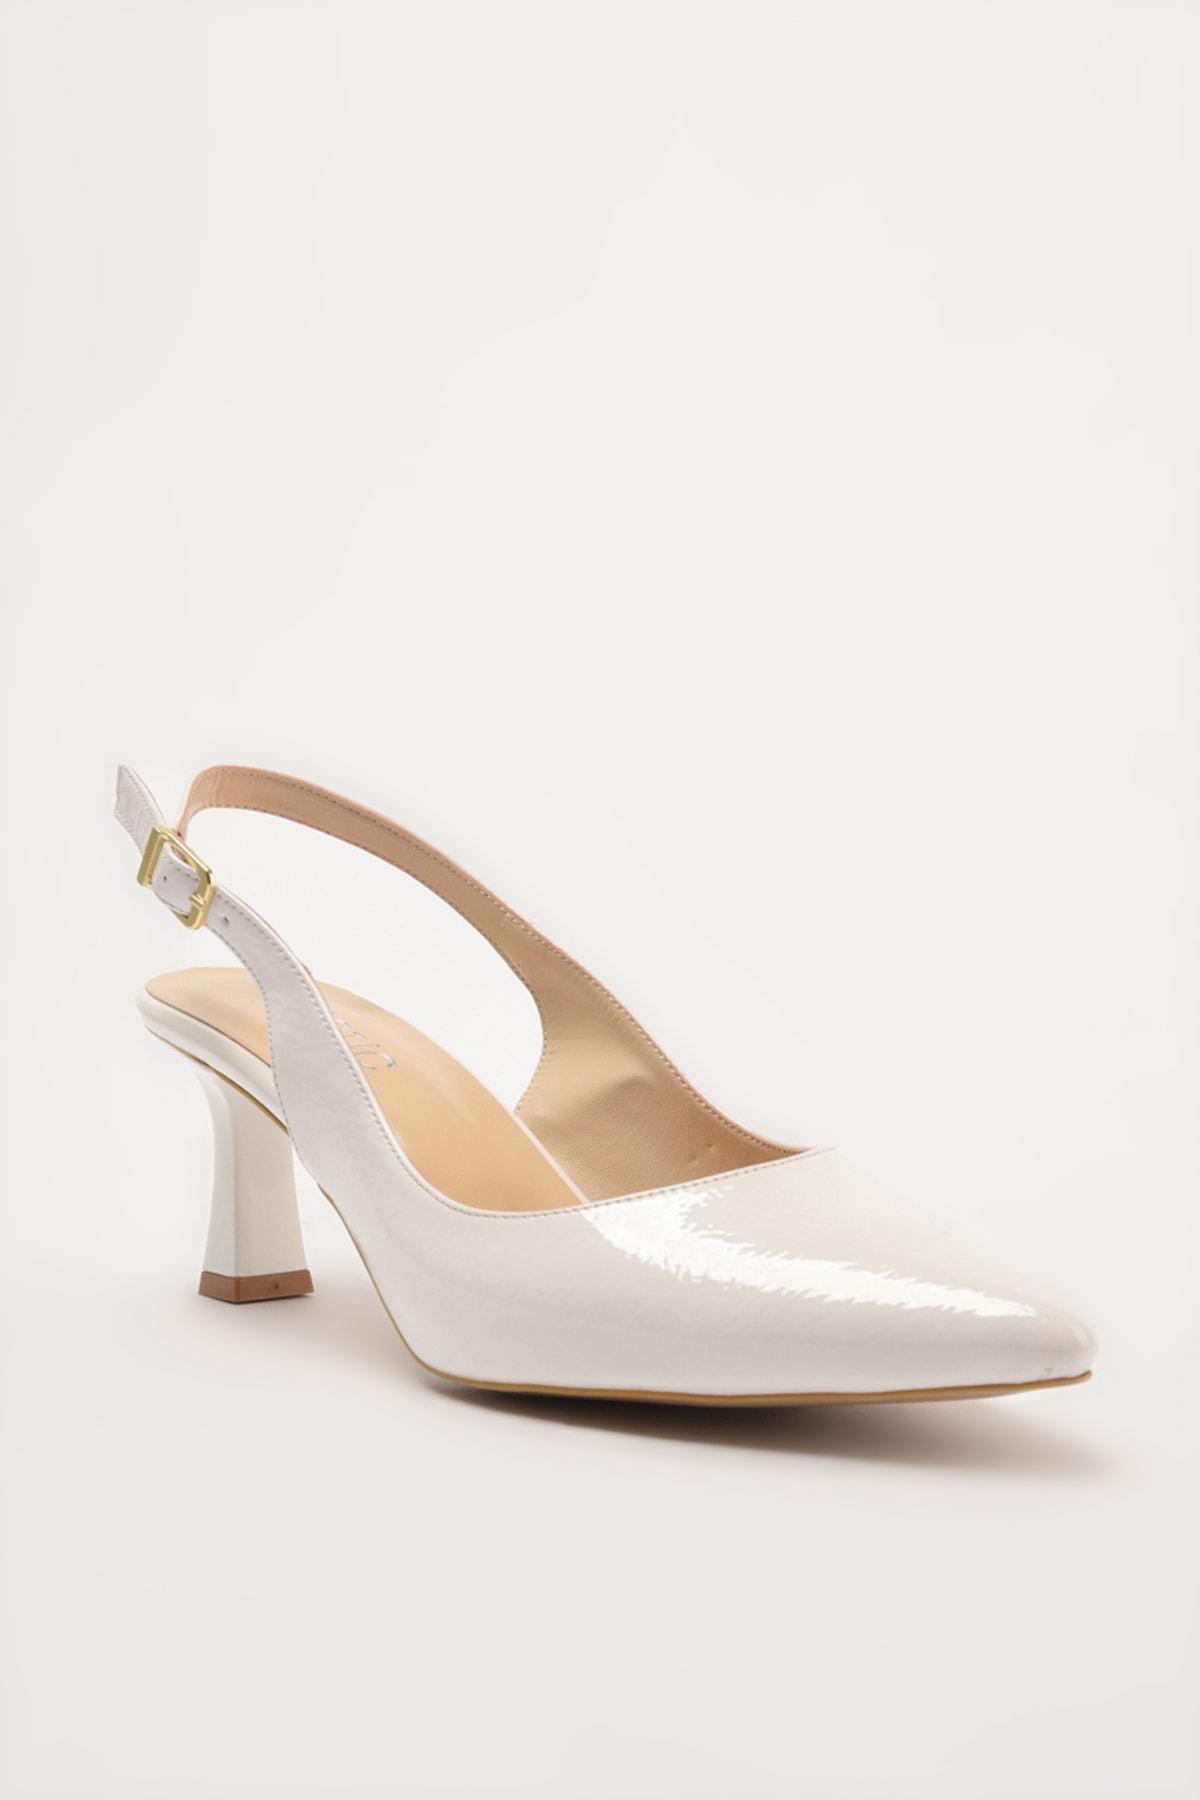 Hotiç Beyaz Kadın Klasik Topuklu Ayakkabı 01AYH214440A900 2